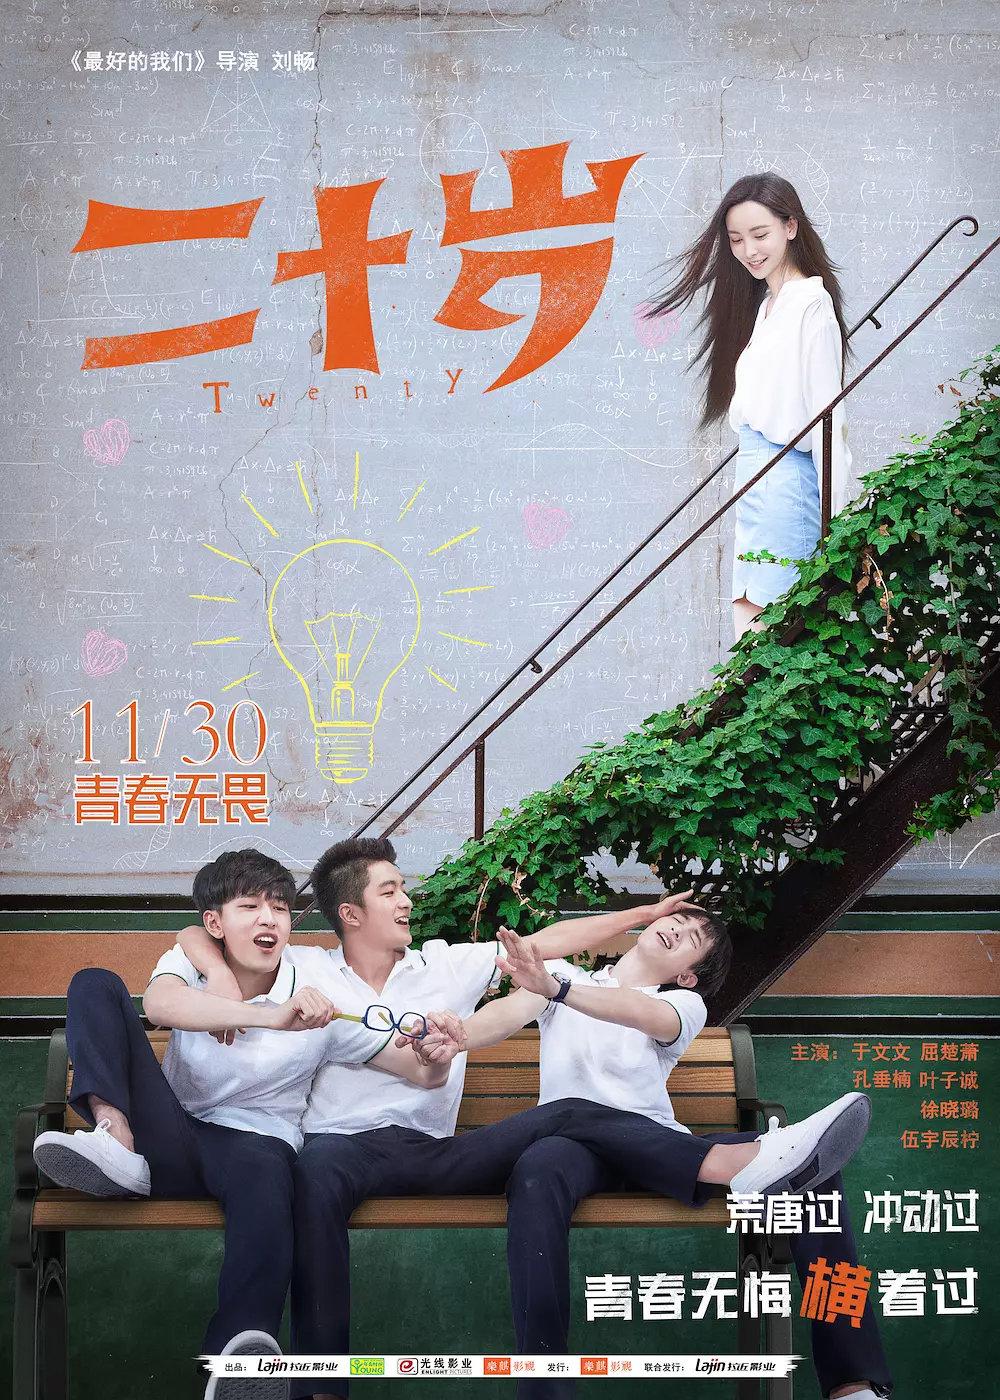 中国版二十岁